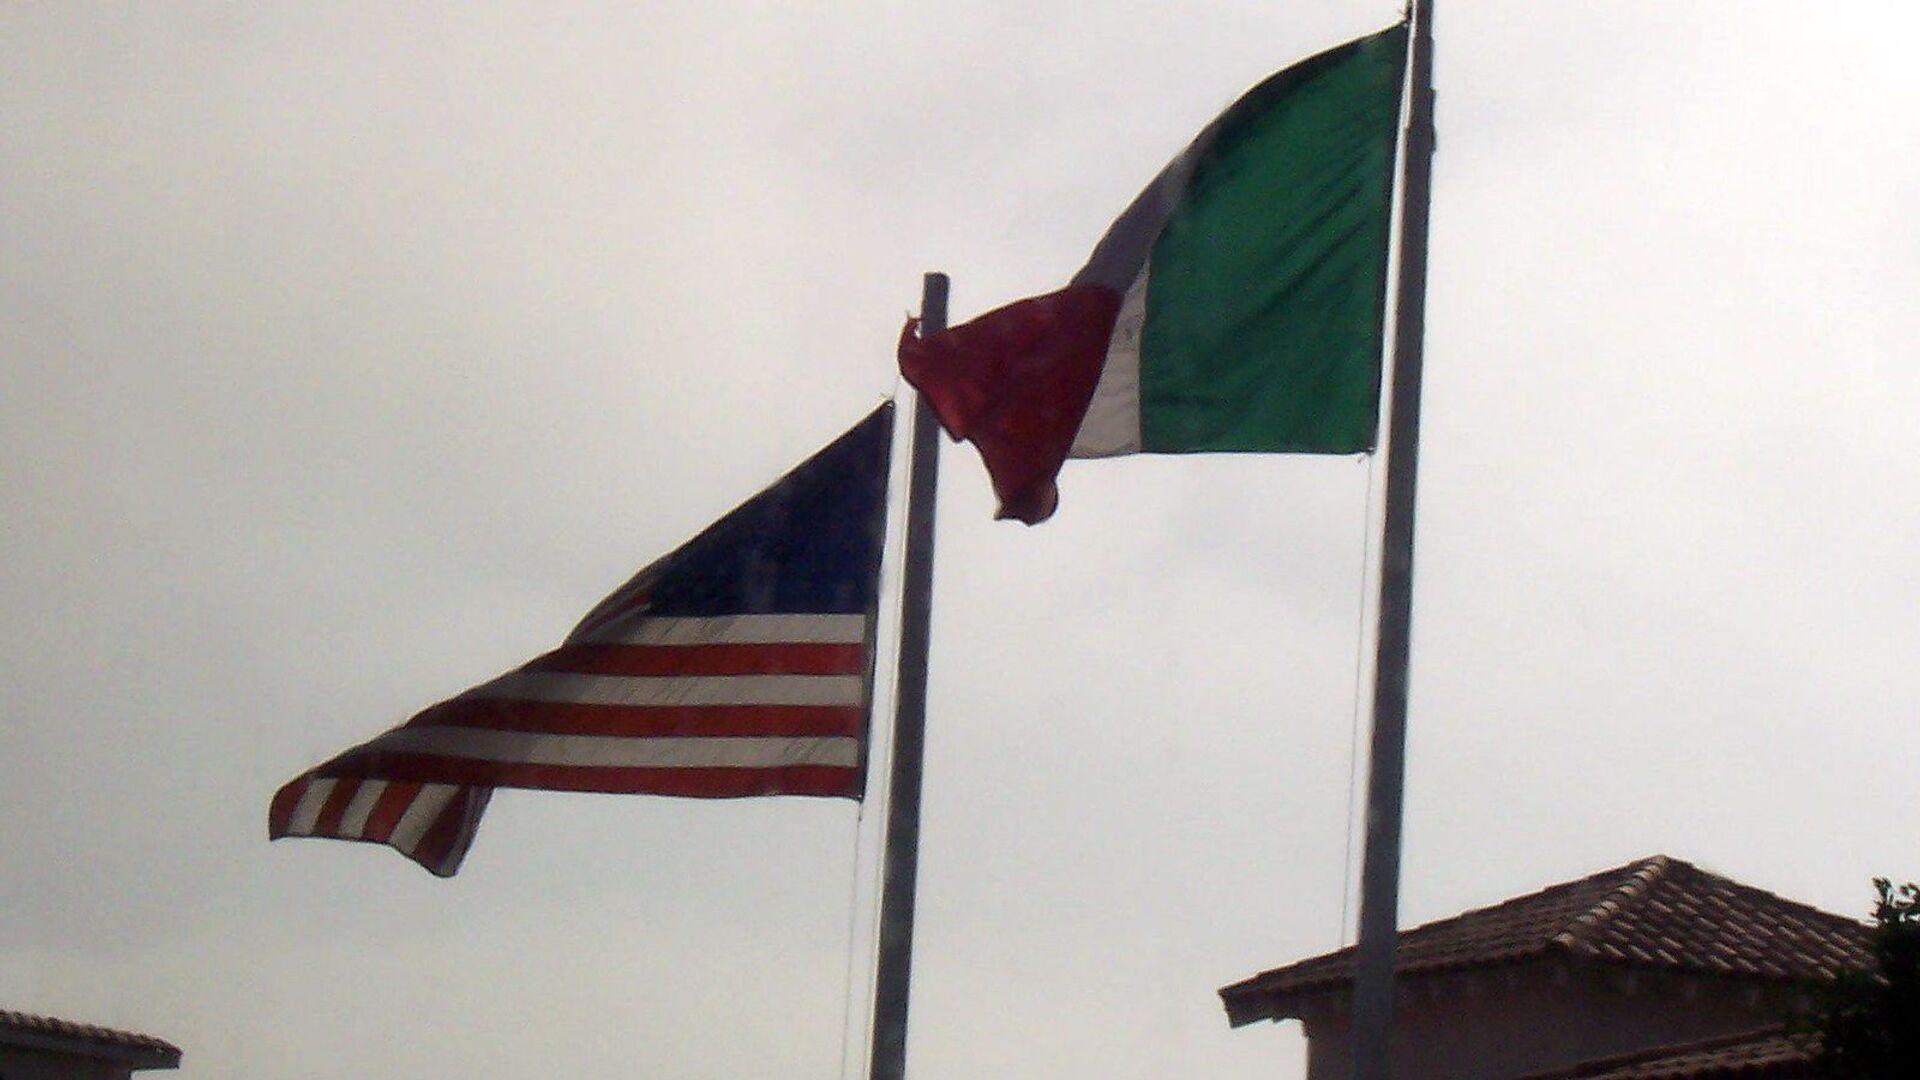 Banderas de EEUU y México - Sputnik Mundo, 1920, 01.03.2021